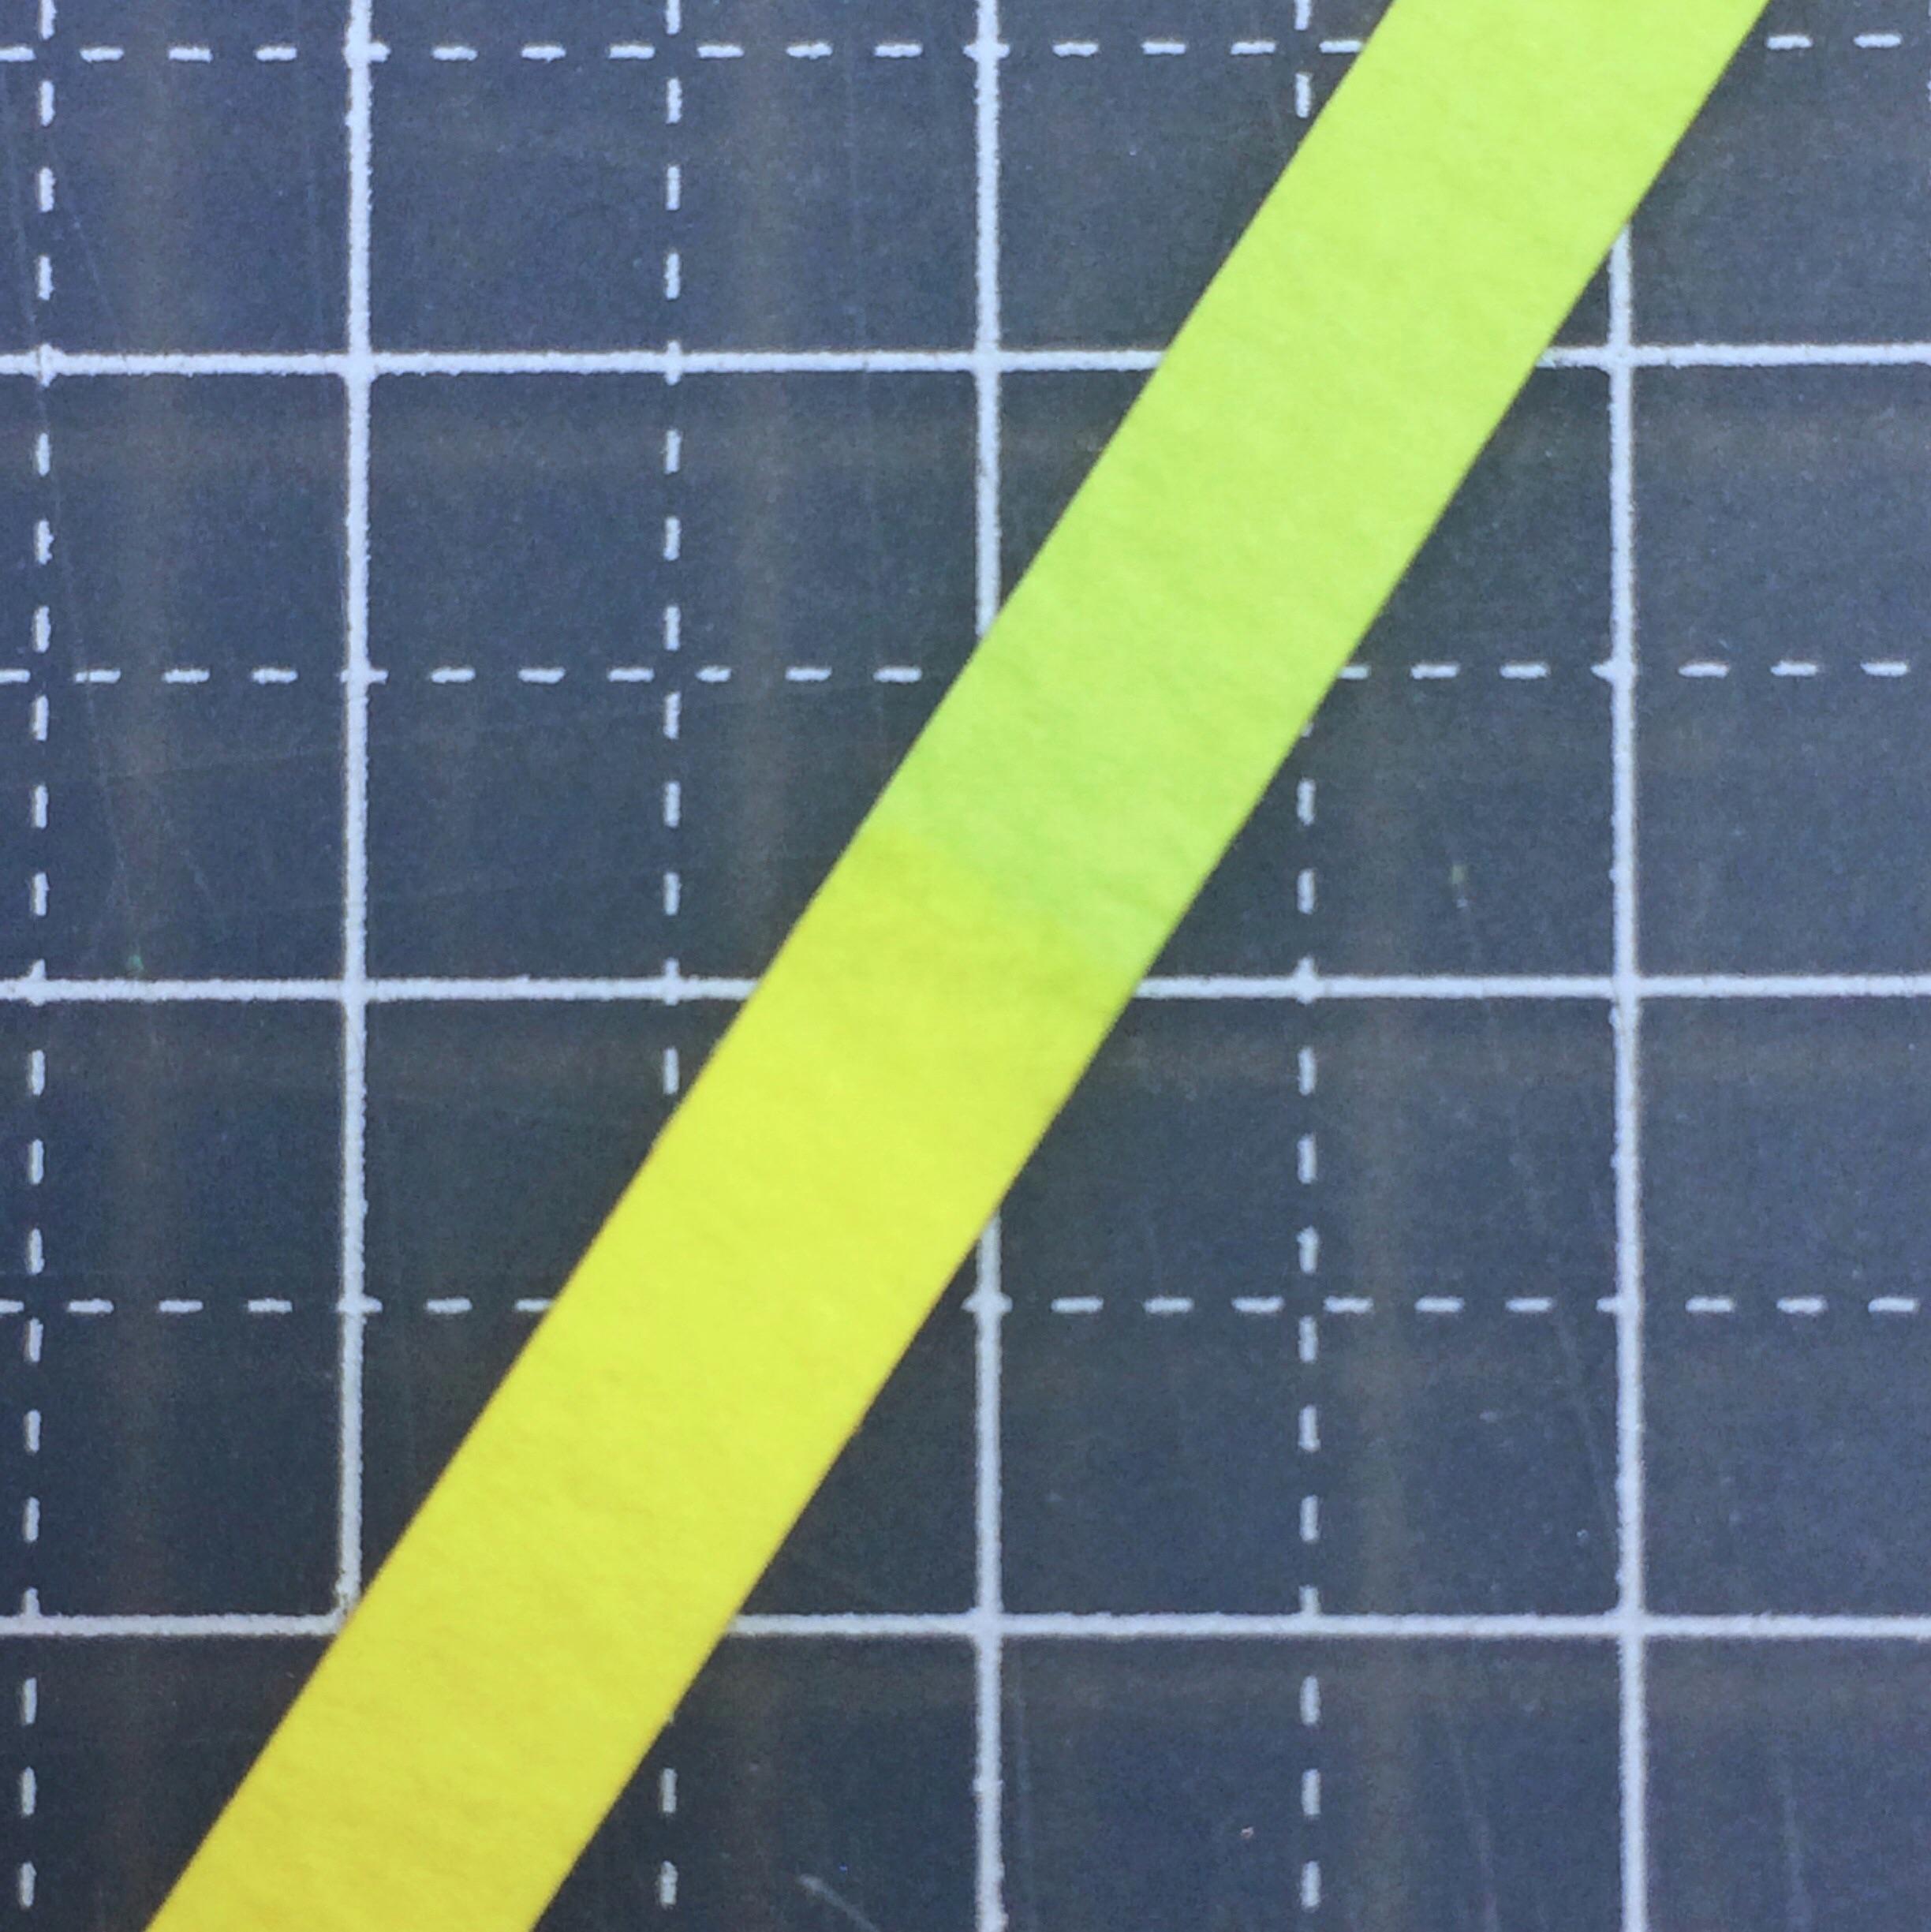 紙tateruテク ブラー画像2